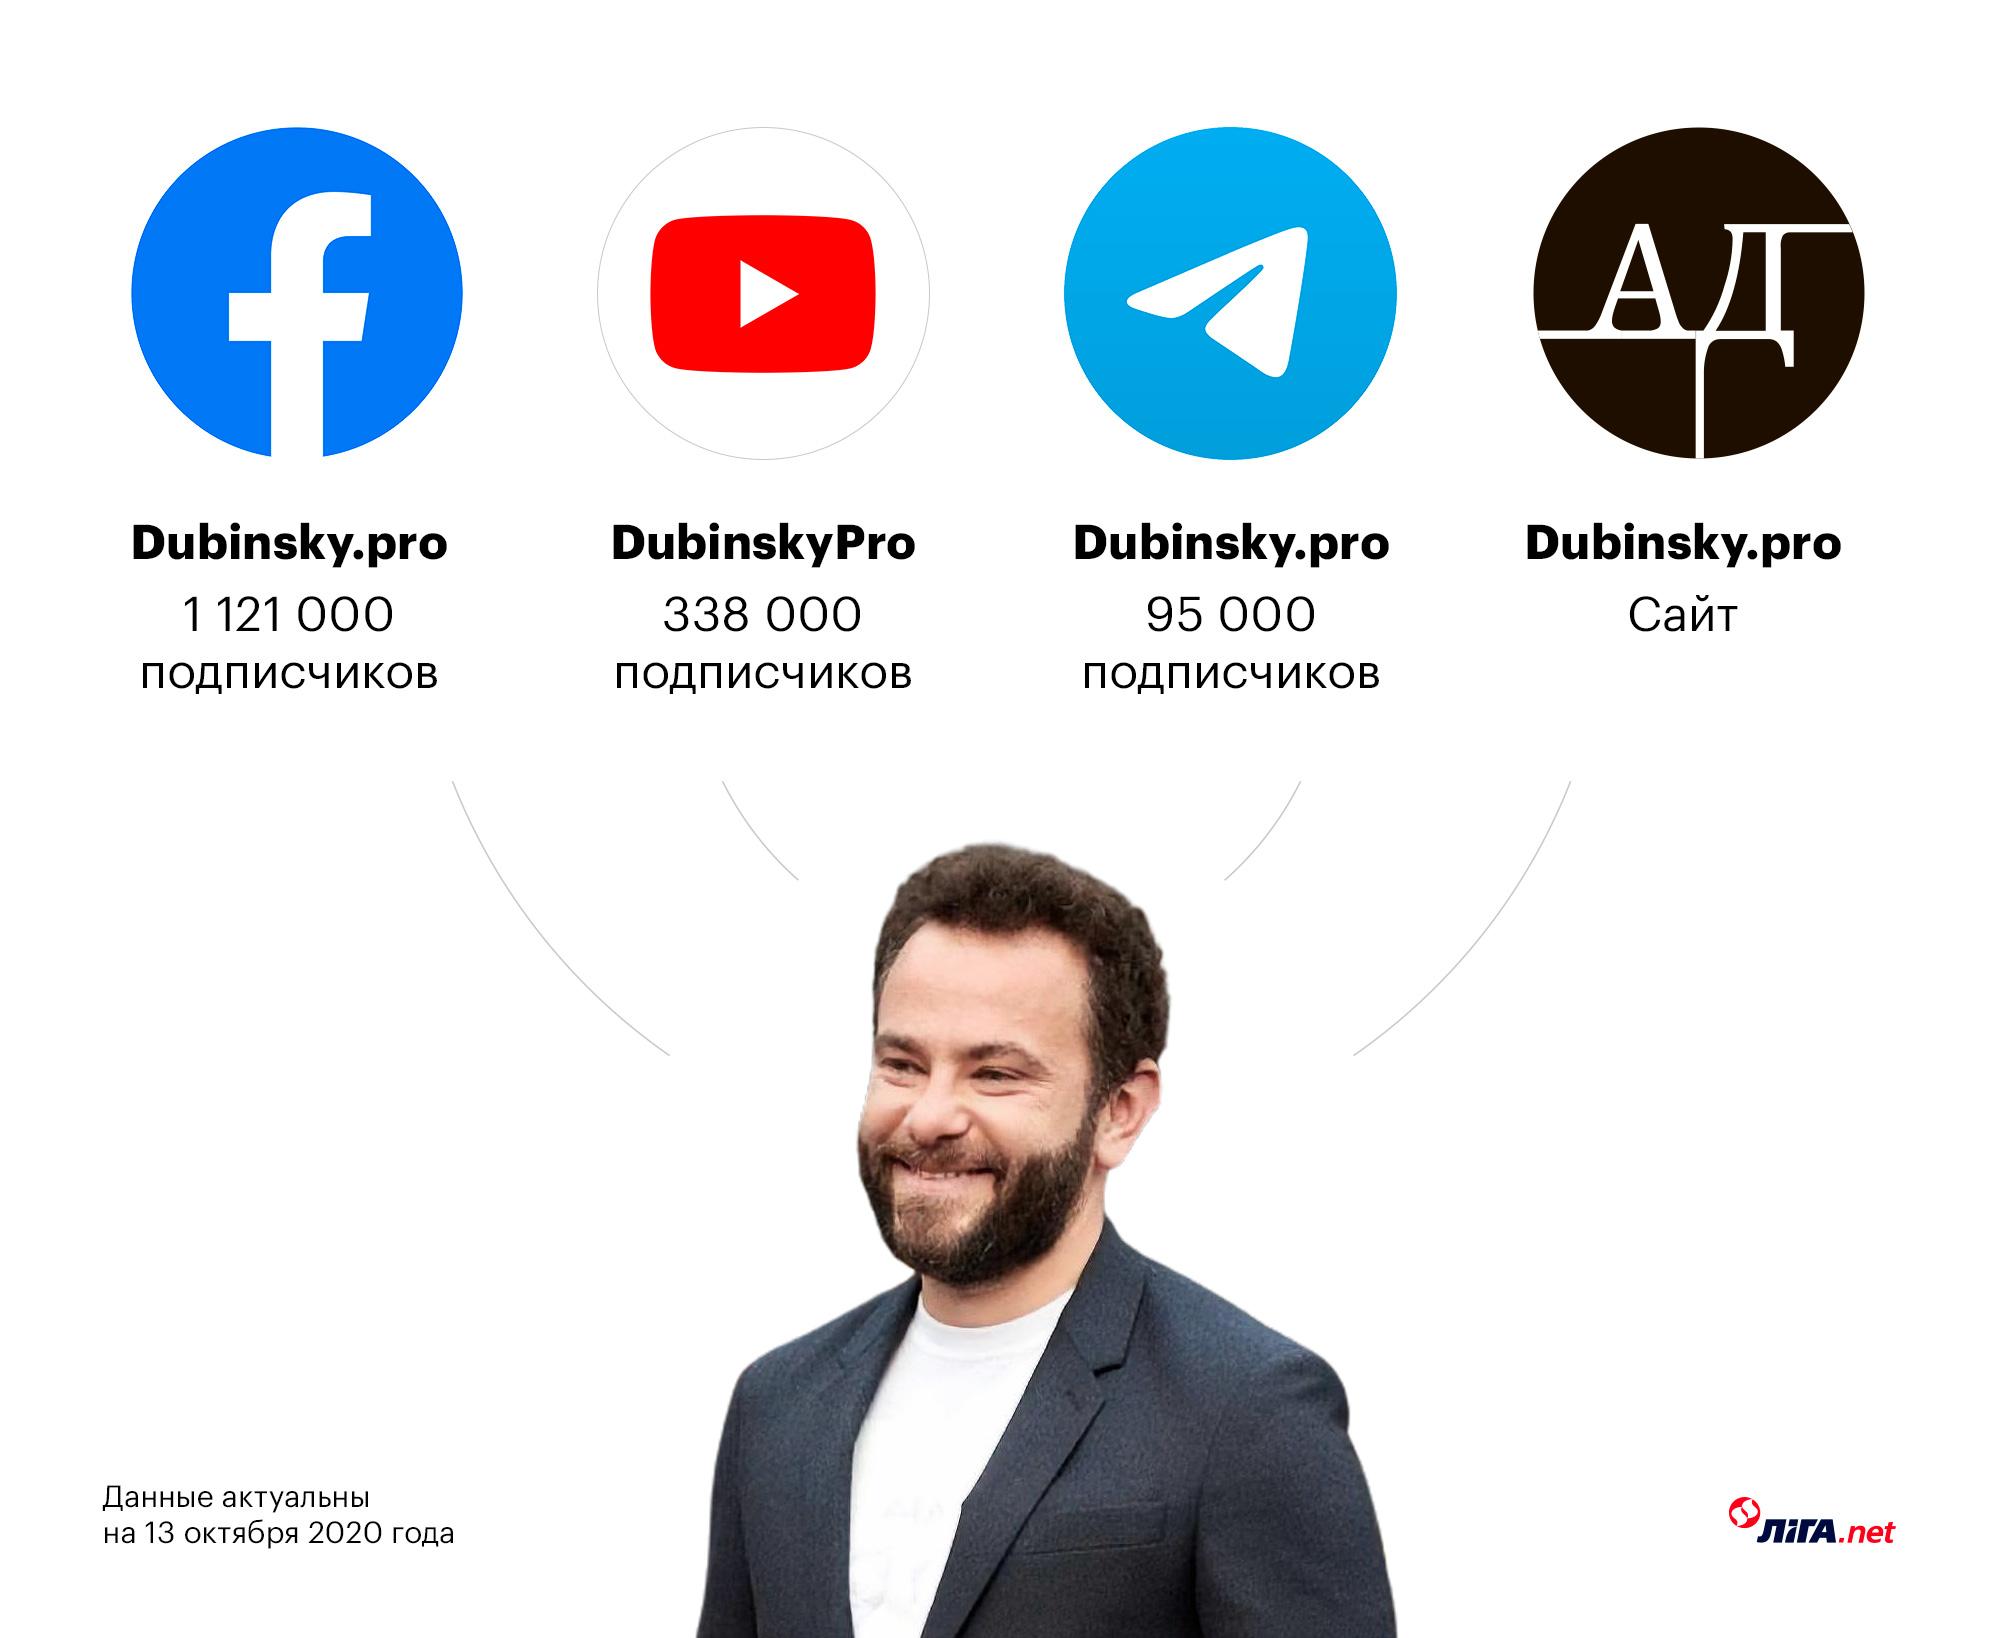 Медиа активы Дубинского (инфографика – Евгений Адаменков/LIGA.net)